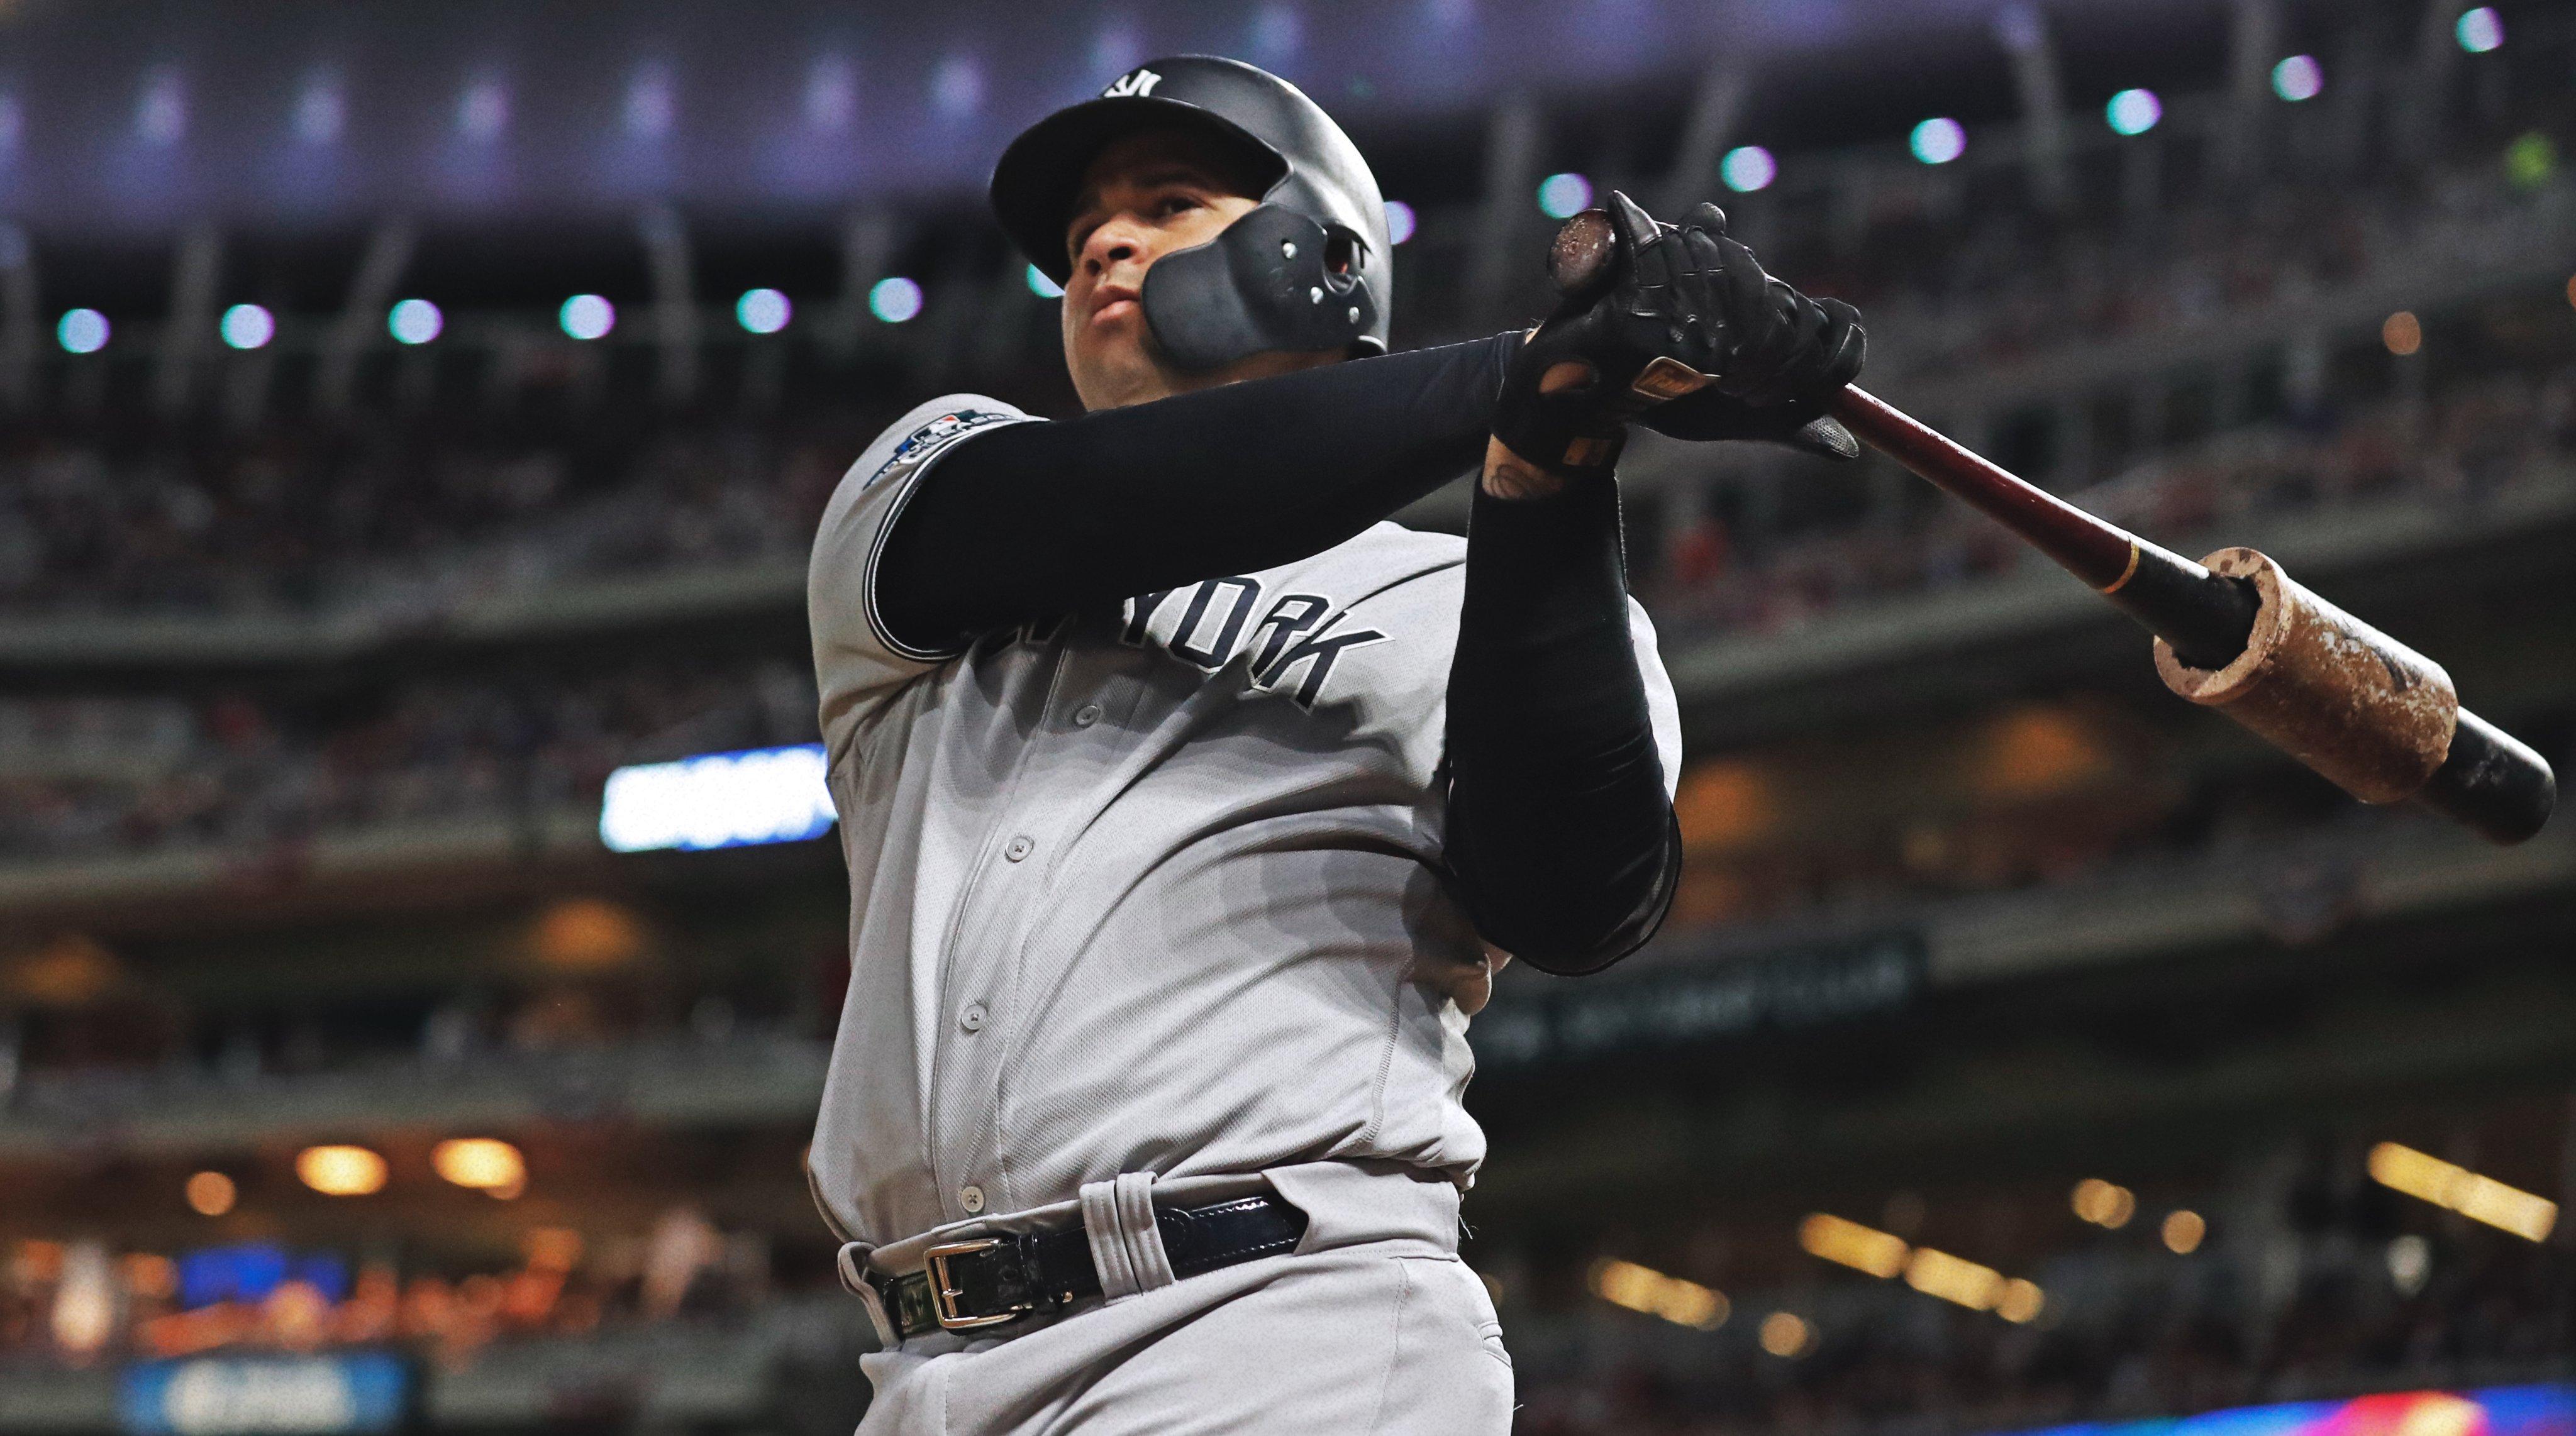 Astros de Huston vs Yankees de Nueva York: Horario y dónde ver EN VIVO el primer juego de la serie